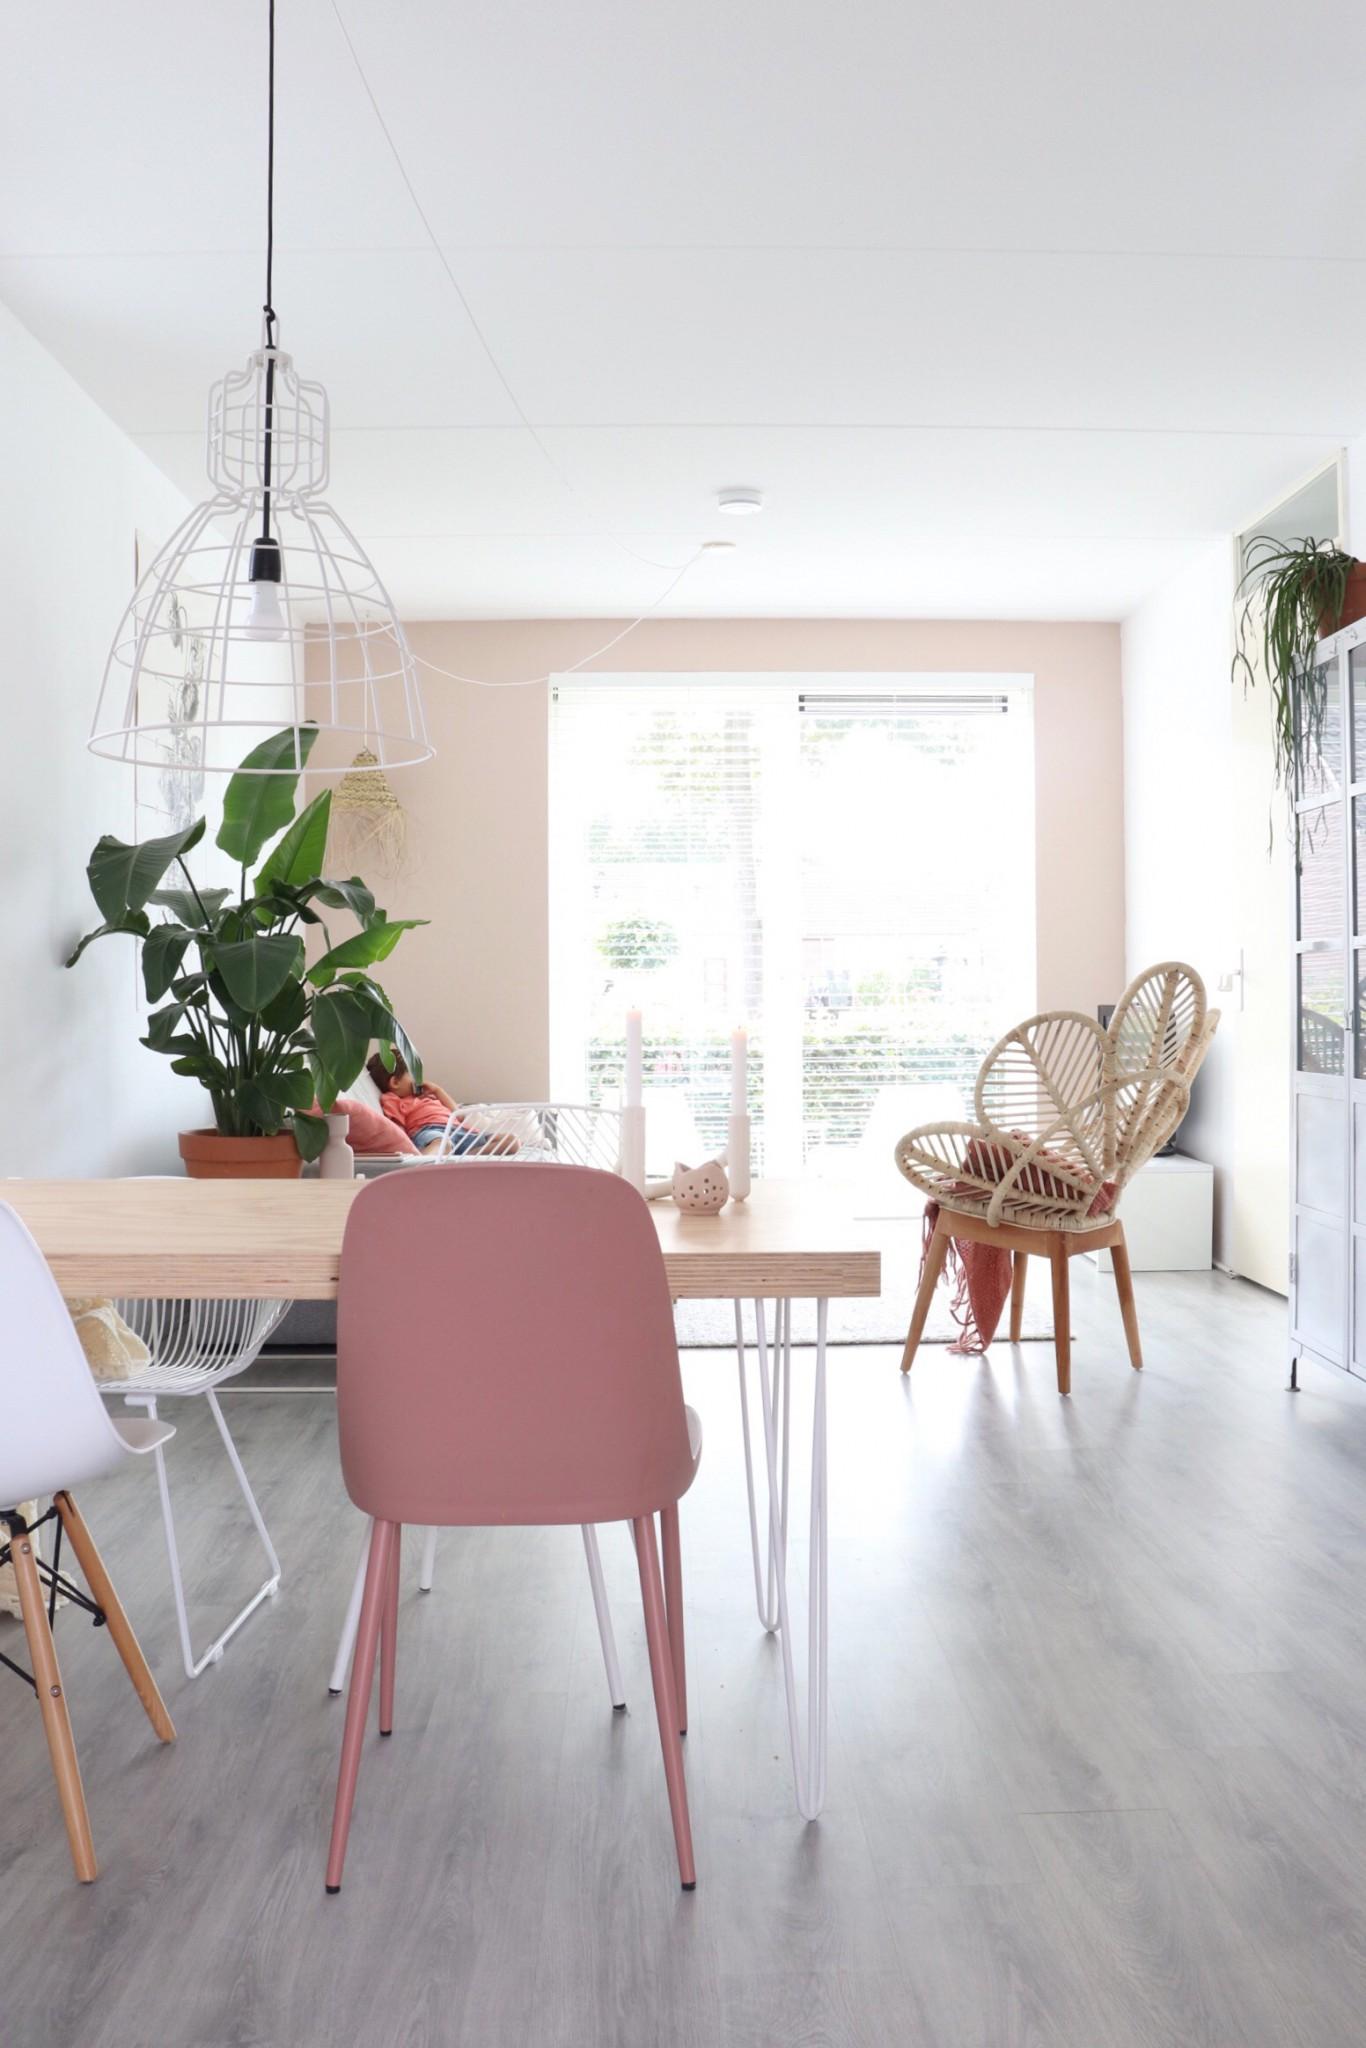 Woonkamer met een roze muur voor extra diepte en sfeer